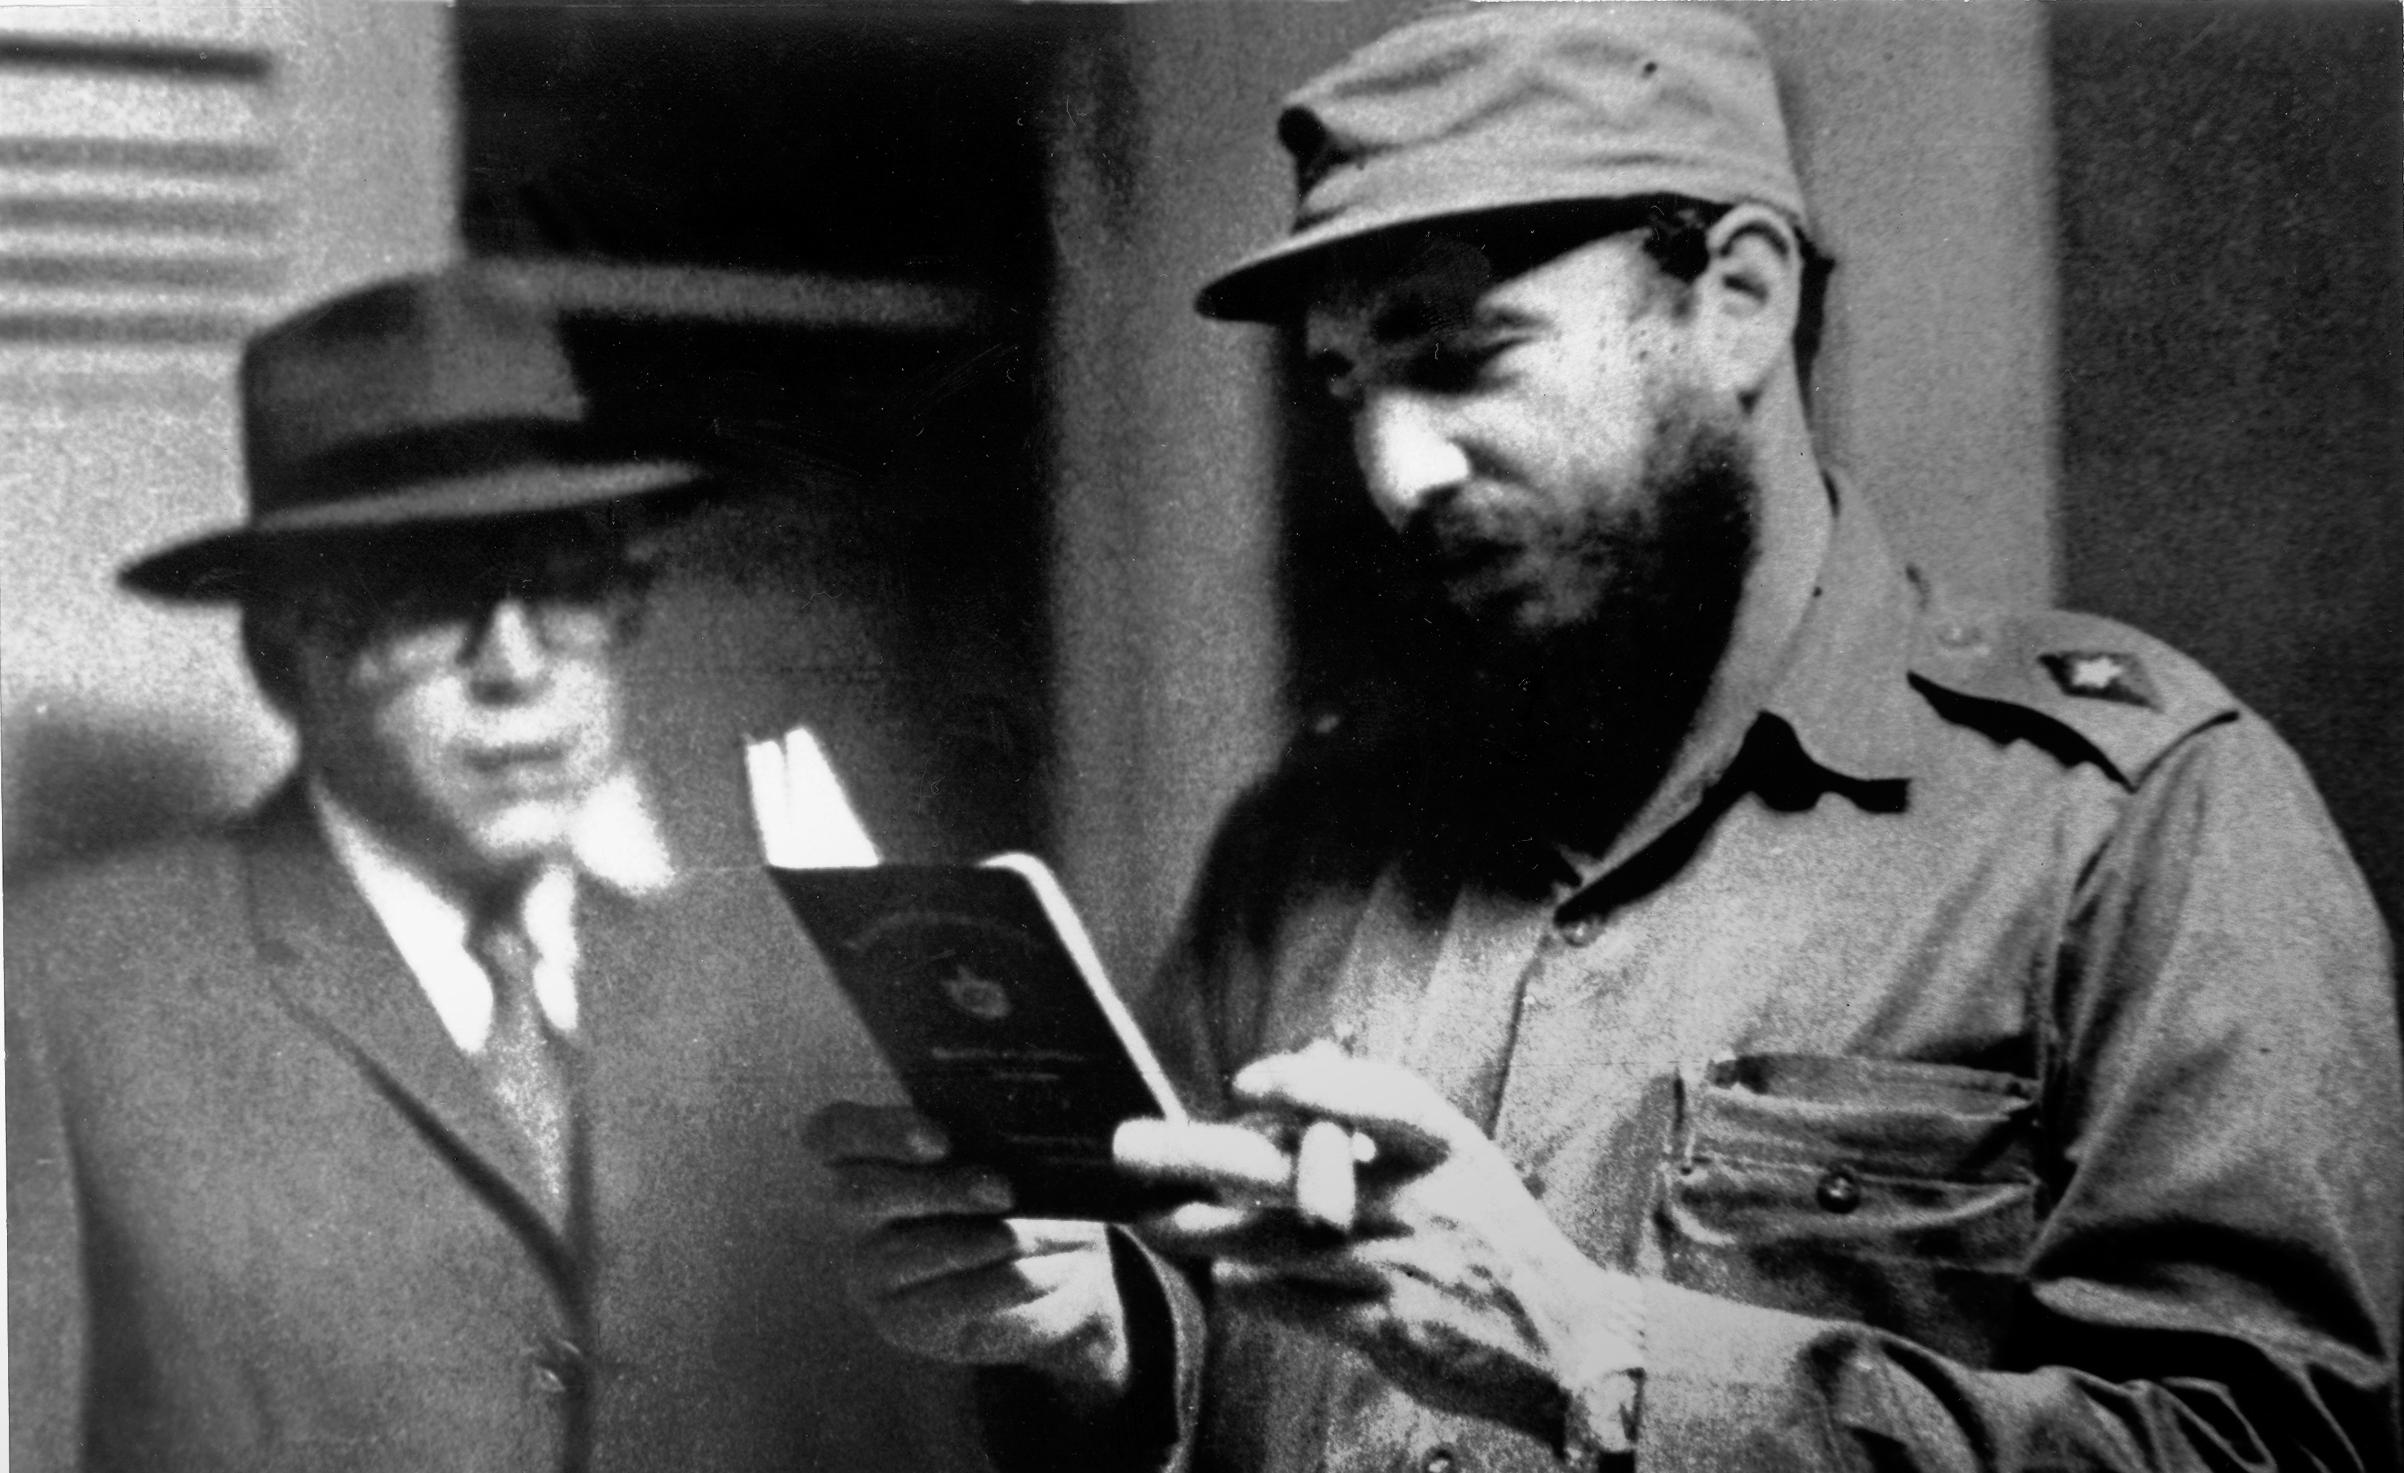 Acompañando al Comandante Ernesto Guevara ante su partida hacia el Congo. La Habana, 31 de marzo de 1965. Foto tomada por Osmany Cienfuegos Gorriarán.